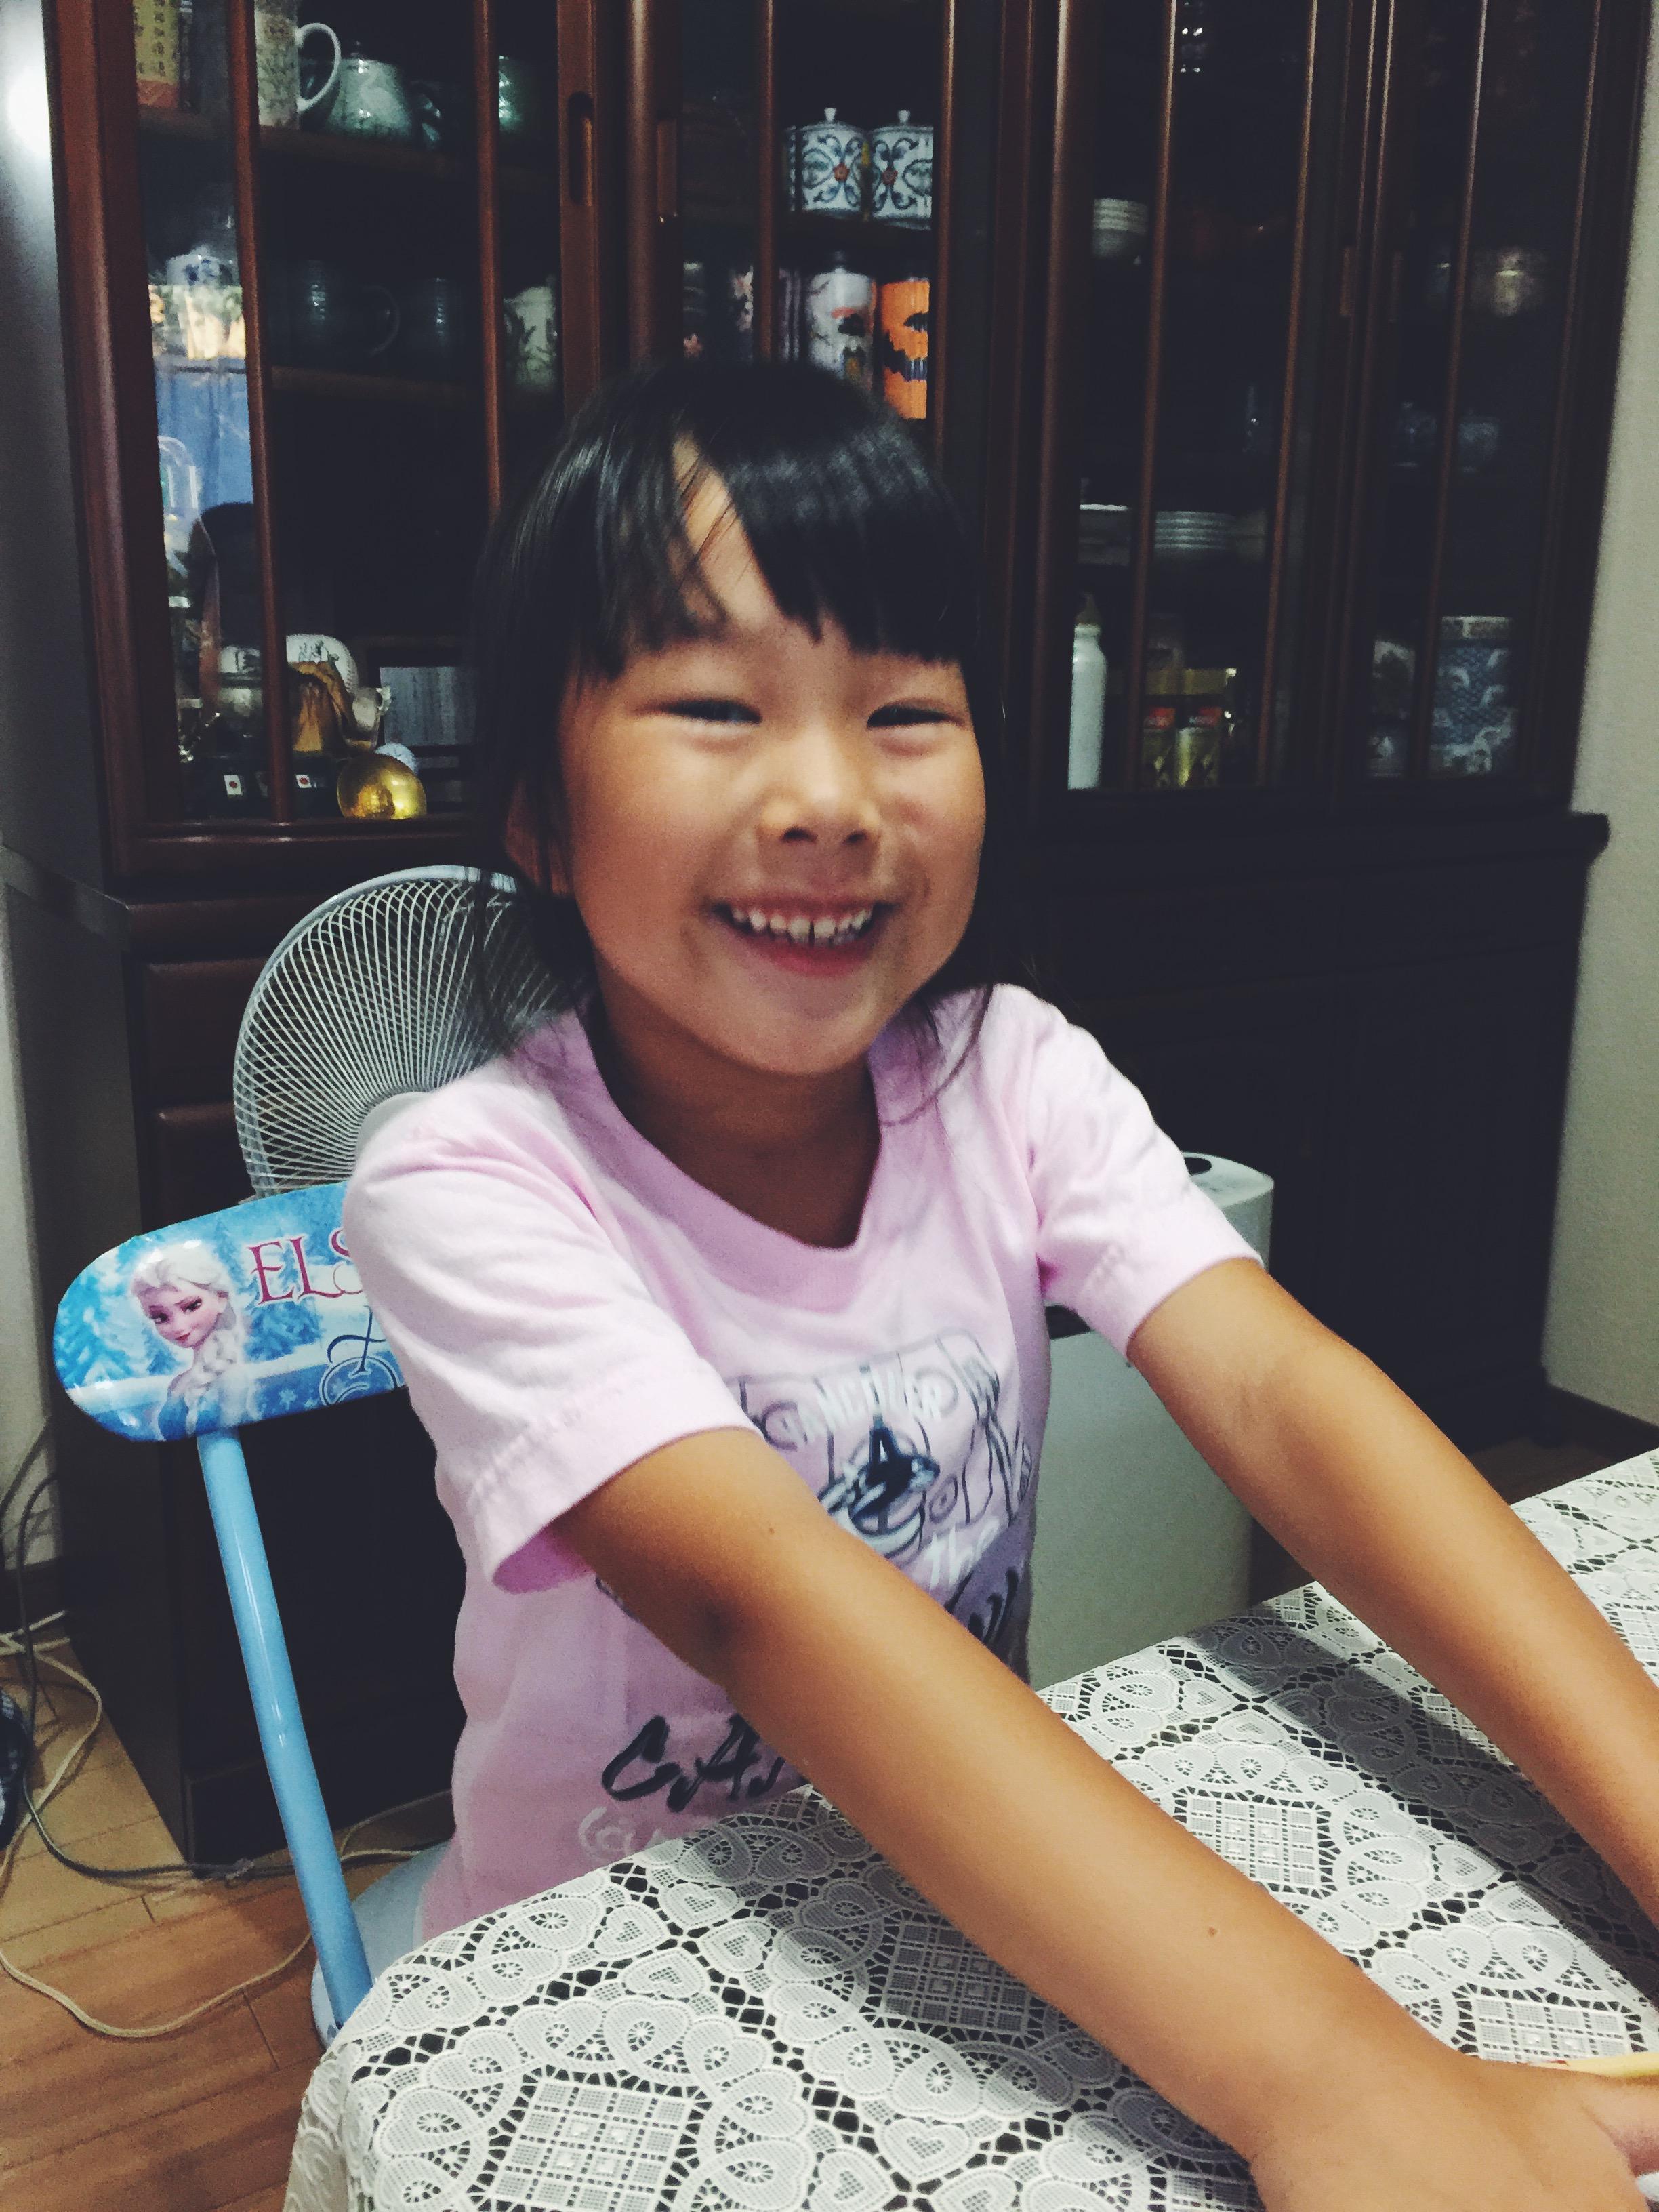 Yuna-chan